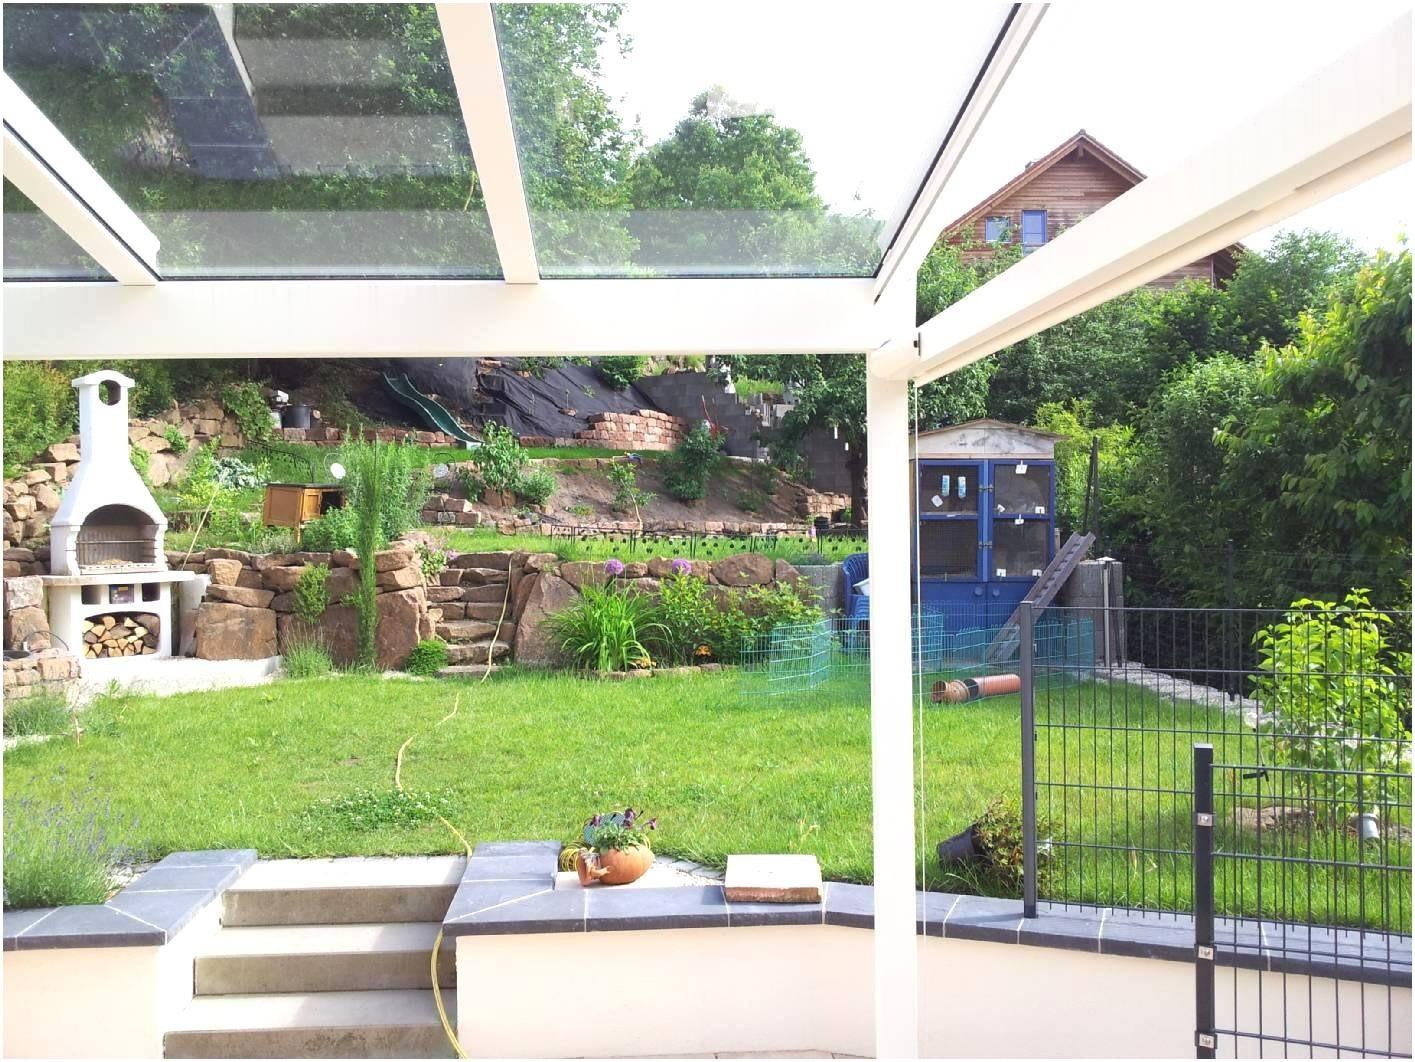 terrassen beispiele garten mit terrasse bauen kosten 45 beispiel vetosb202 66 und garten terrasse neu anlegen luxury terrasse gestalten ideen beispiel terrasse bauen kosten of terrasse bauen koste